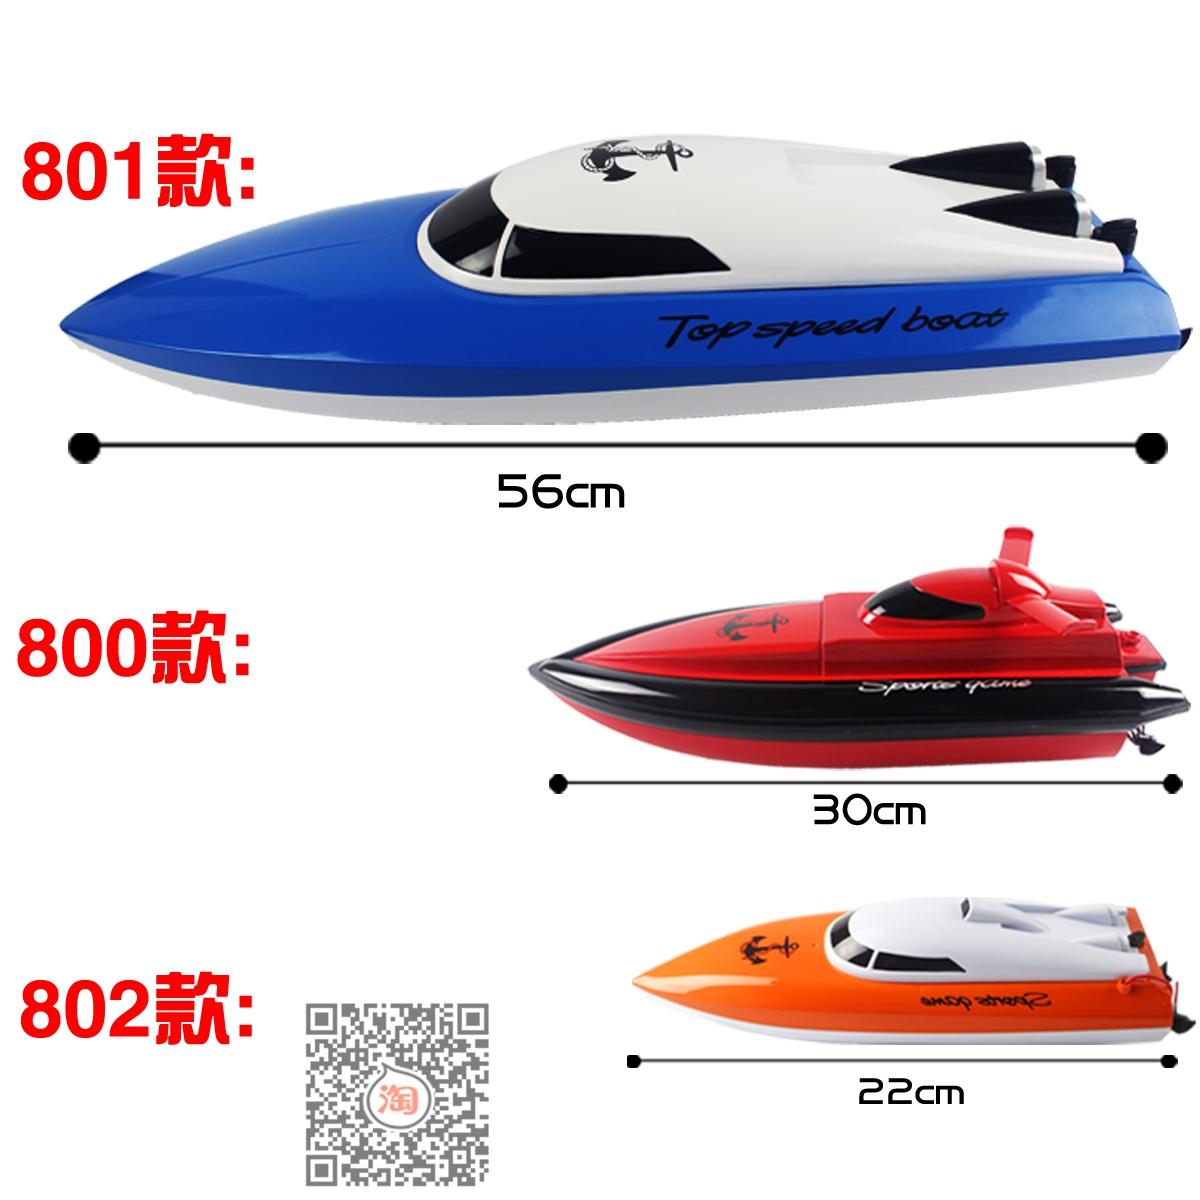 船快艇赛艇模型双马达儿童玩具船可充电电动无线遥控